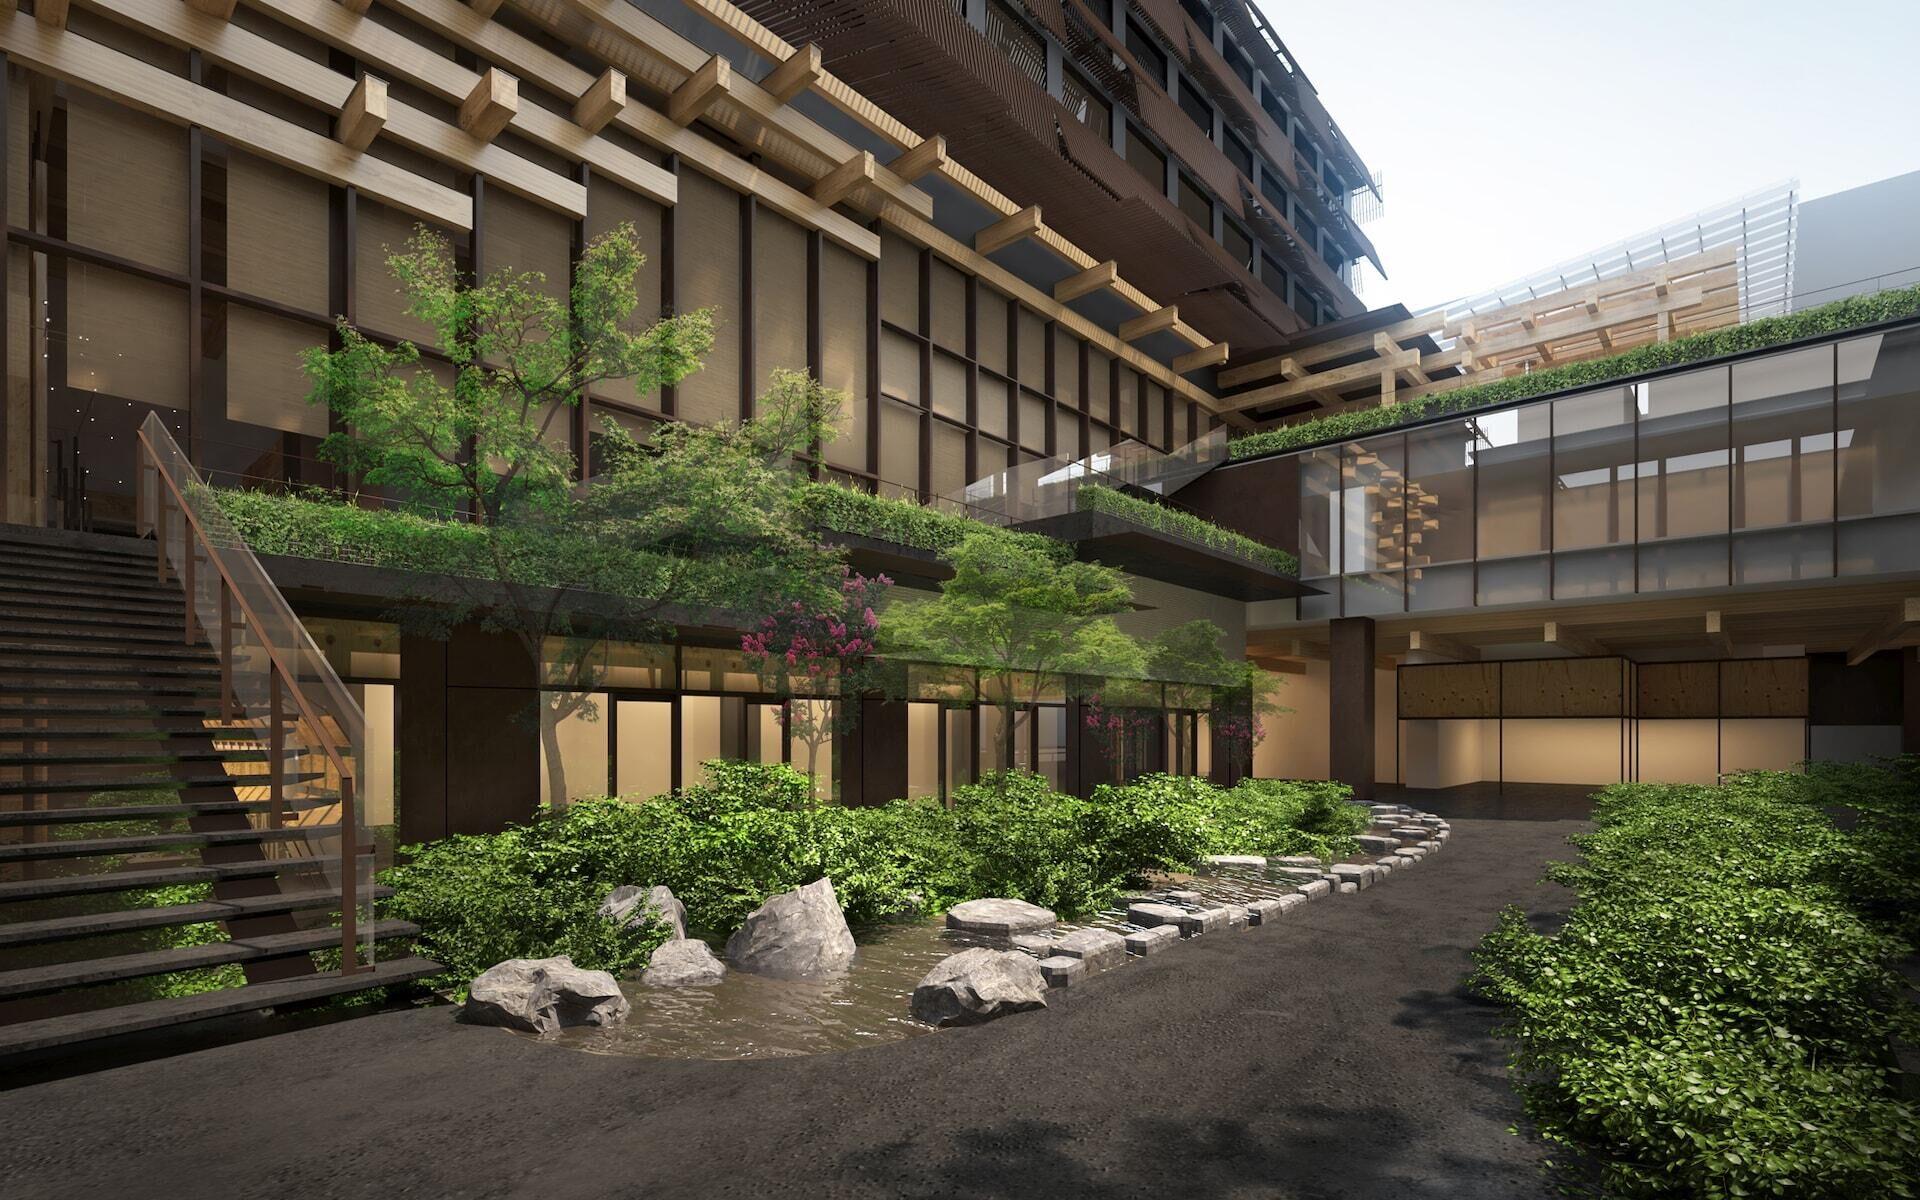 艾斯酒店将在日本古城京都开始营业